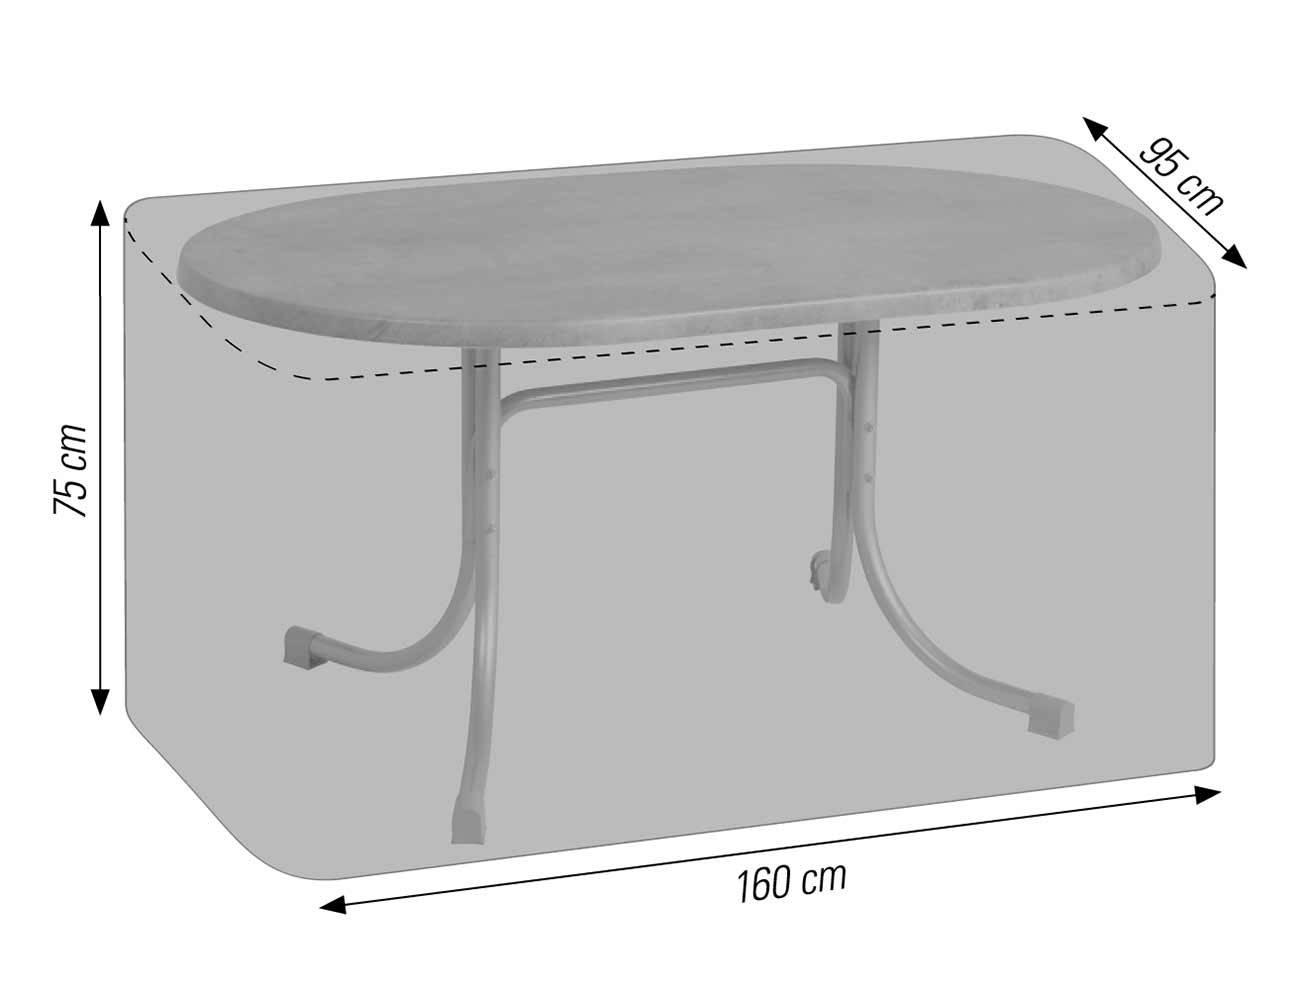 Schutzhülle für ovale Tische bis 160x95 cm anthrazit acamp cappa Typ 57707